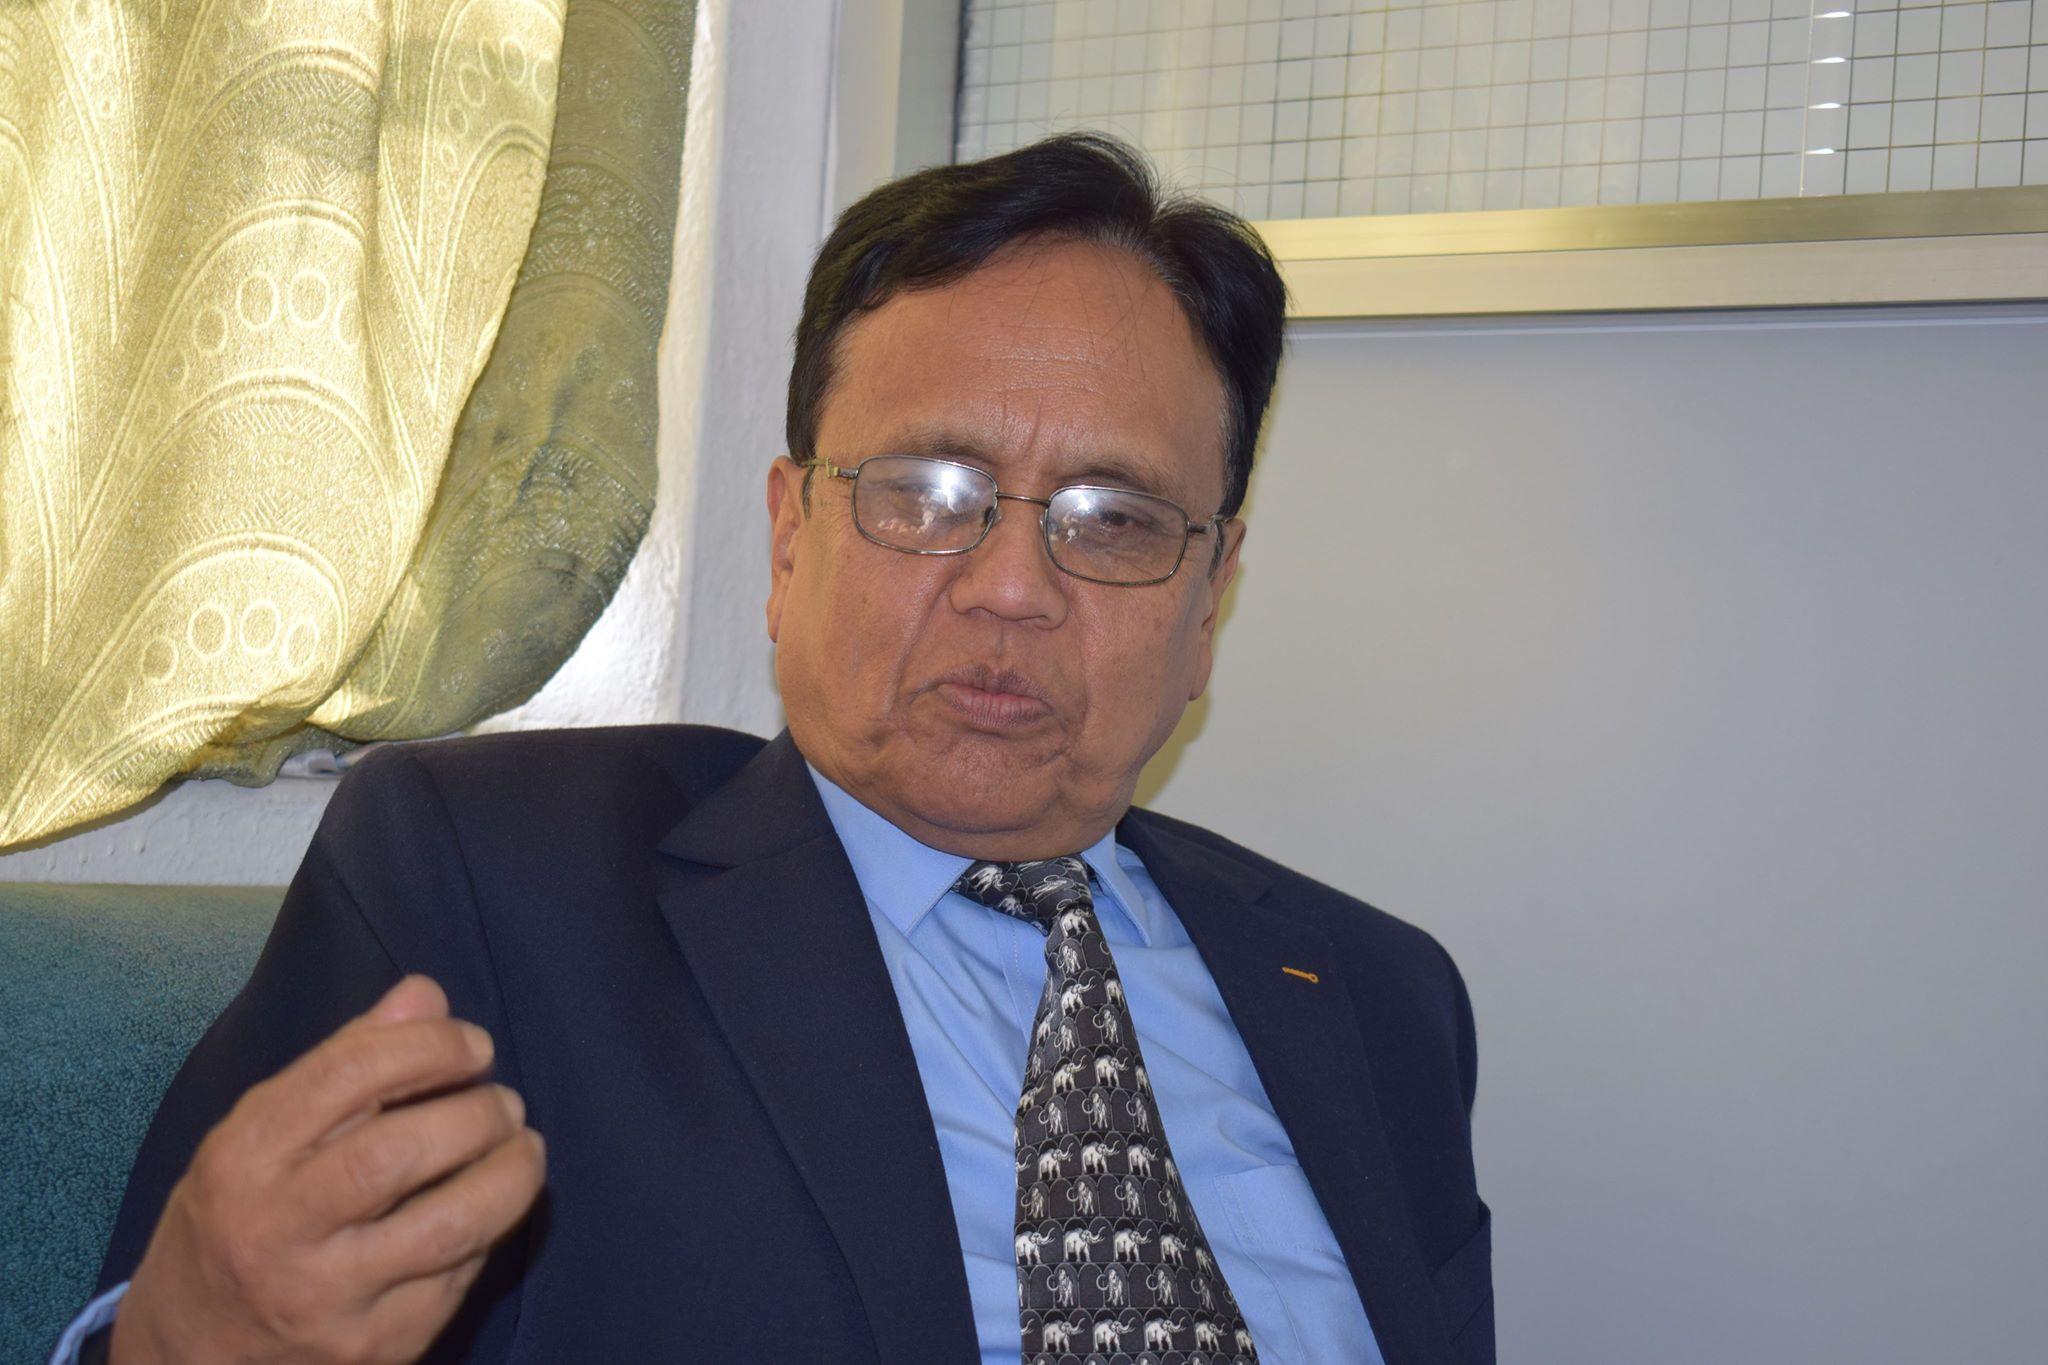 नेपाल बैंक बलियो भईसक्यो,अब हामी लाभांश खुवाउने बारेमा सोचिरहेका छौ : सिइओ शाह